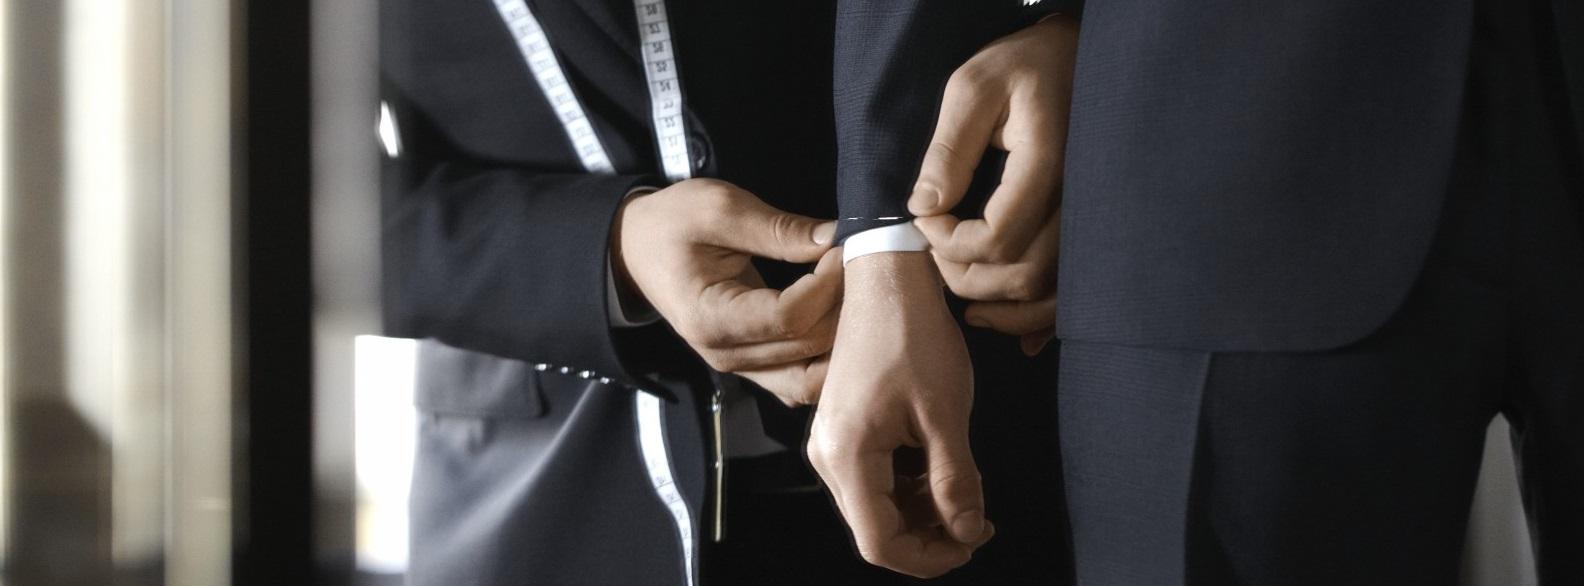 пошив мужских костюмов минск